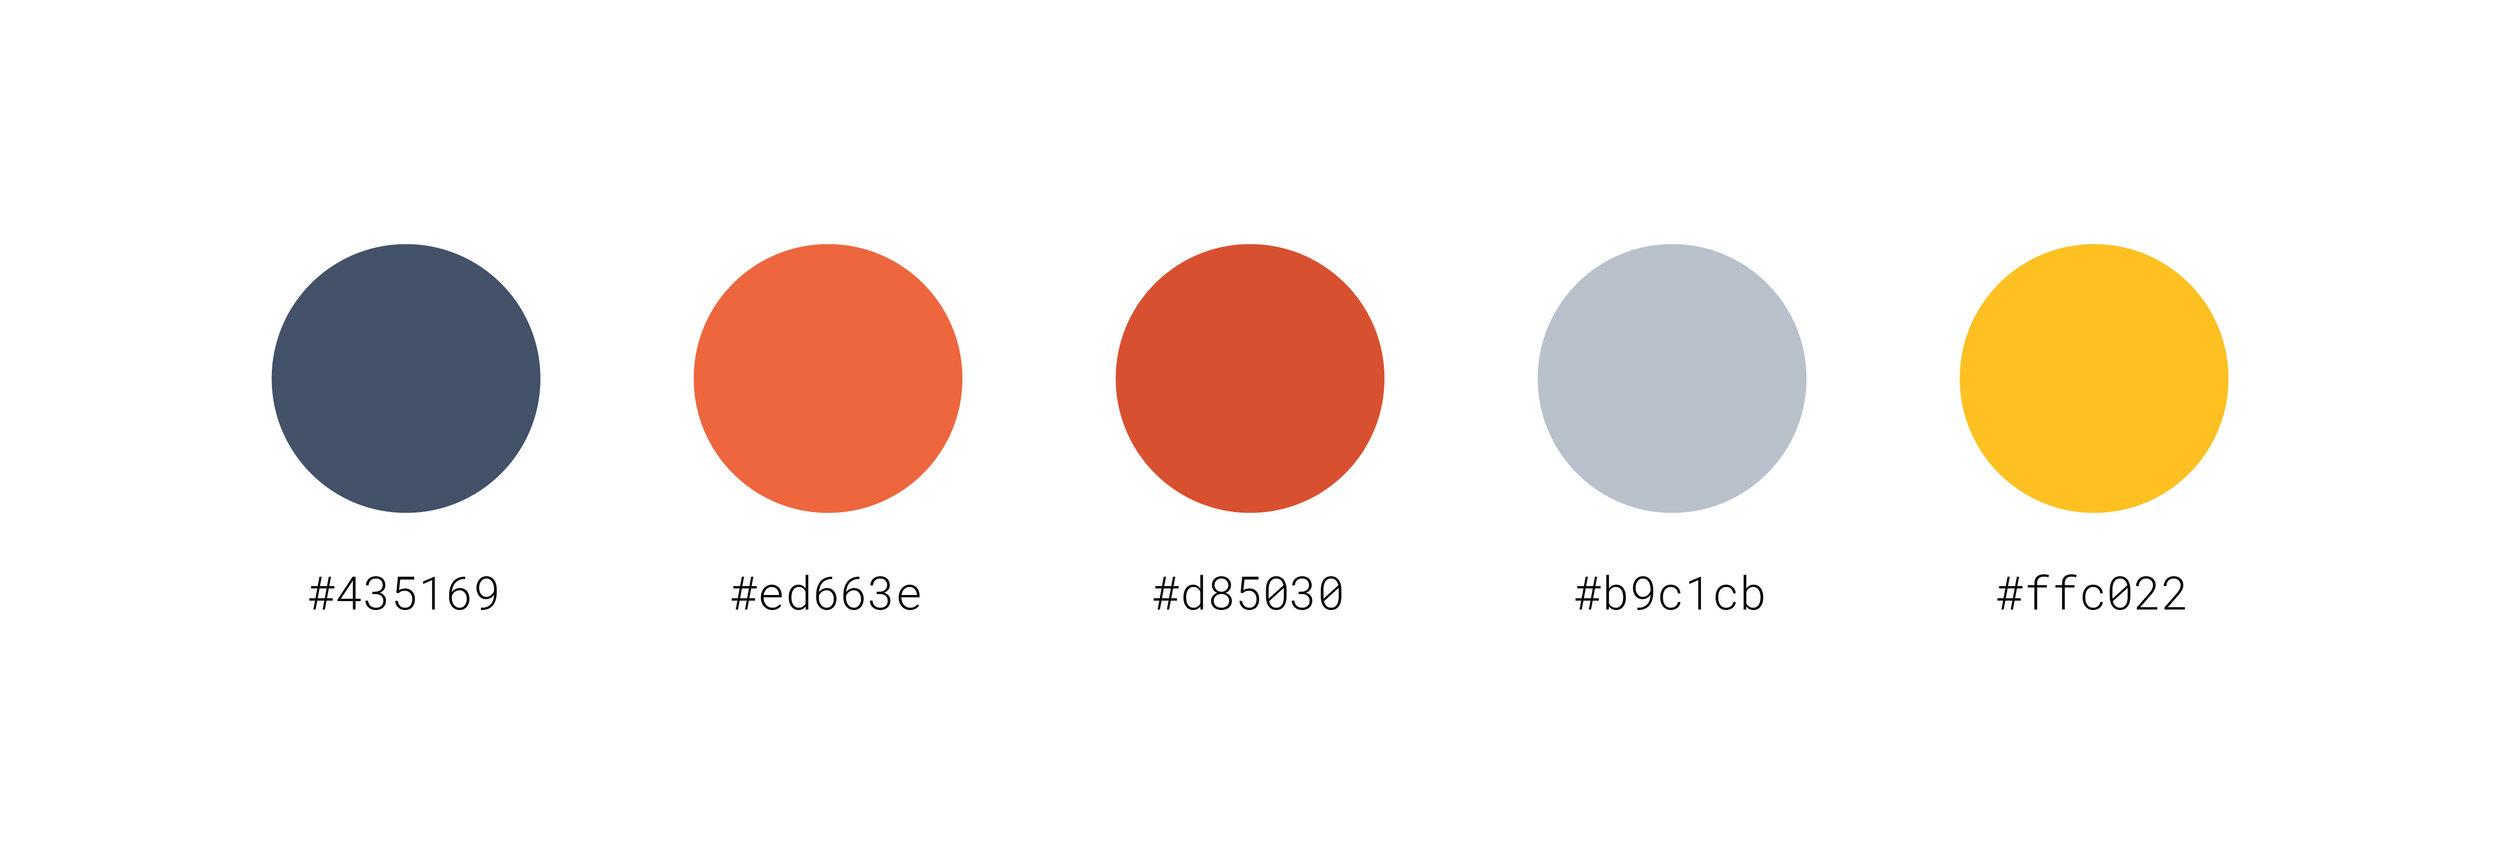 SpaceCraft-BrandGuide_Colors.jpg